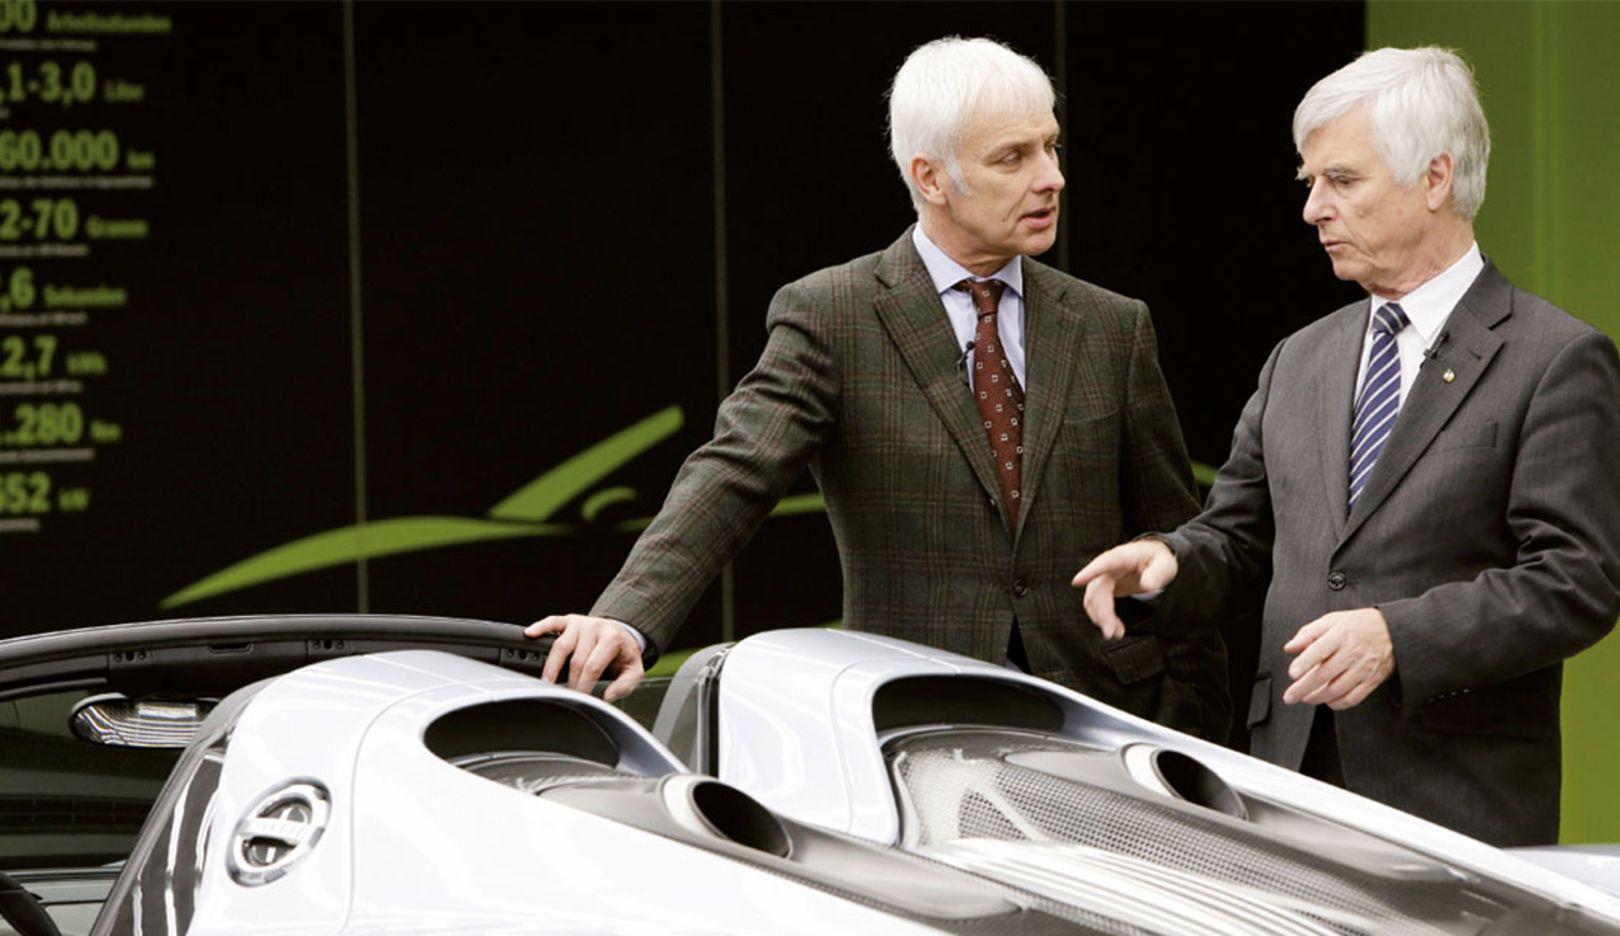 Matthias Müller, Vorstandsvorsitzender, Dr. Ulf Merbold, Physiker, 918 Spyder Manufaktur, Zuffenhausen, 2014, Porsche AG